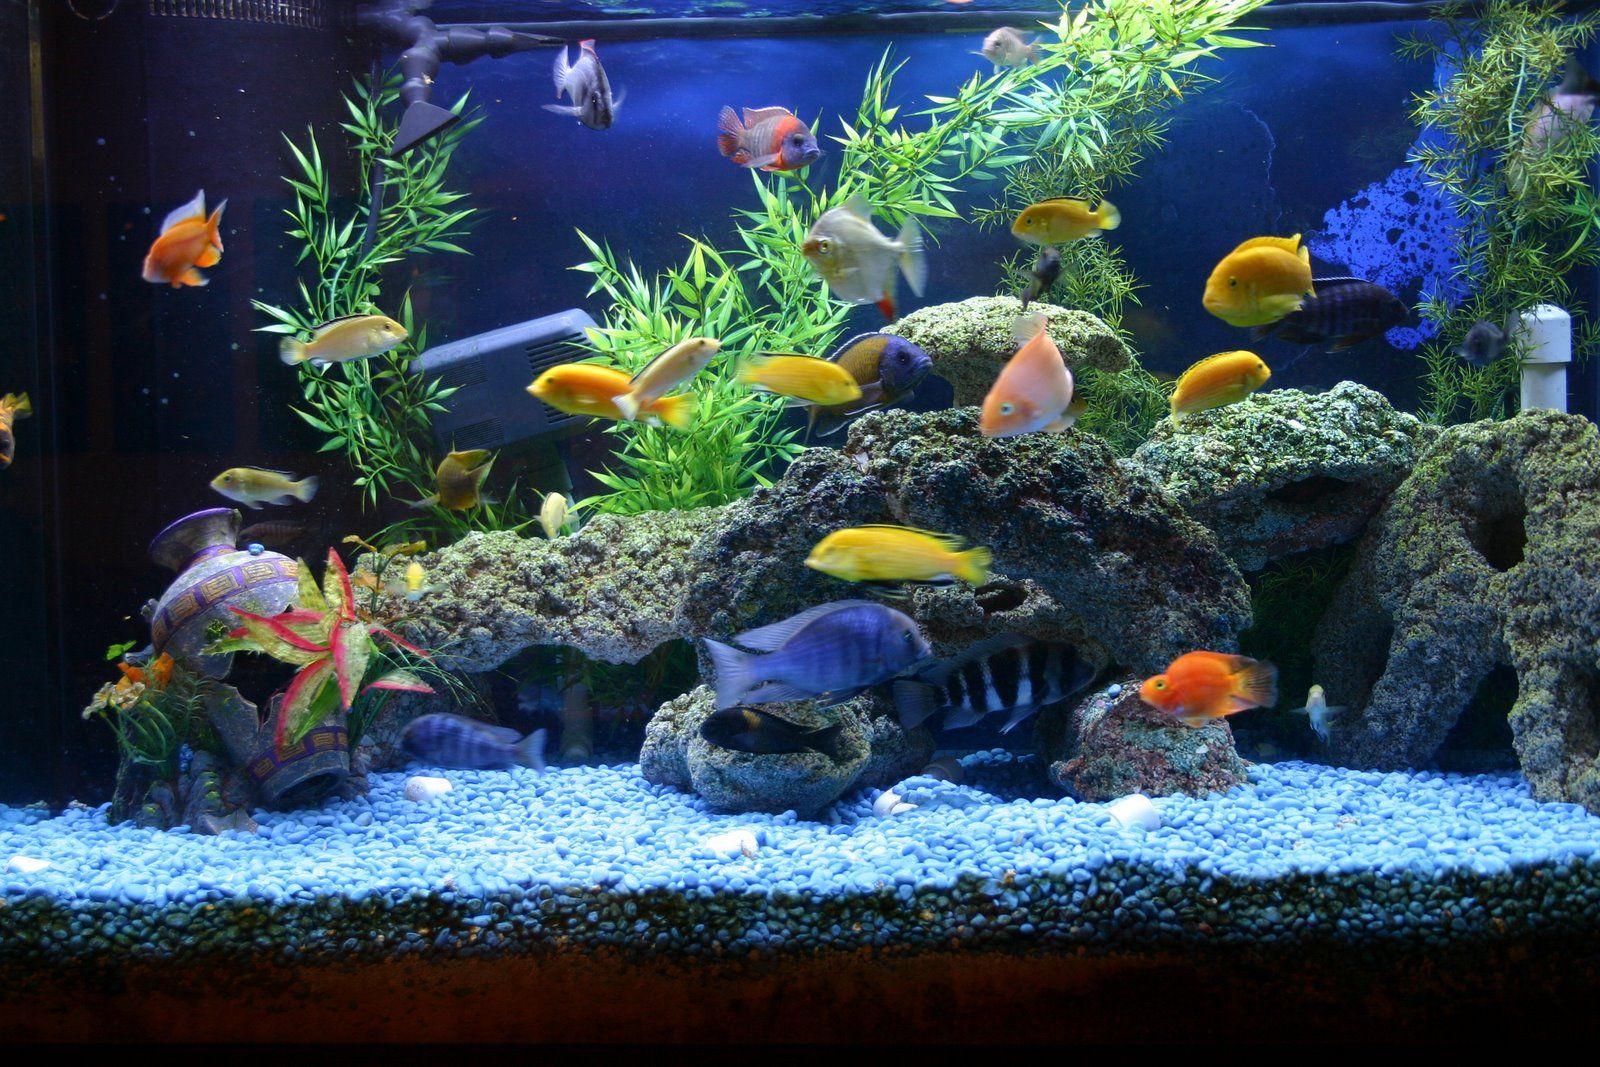 Wholesale Aquarium Products Aquarium Supplies Petwholesaler Cichlid Aquarium Fish Tank Aquarium Fish